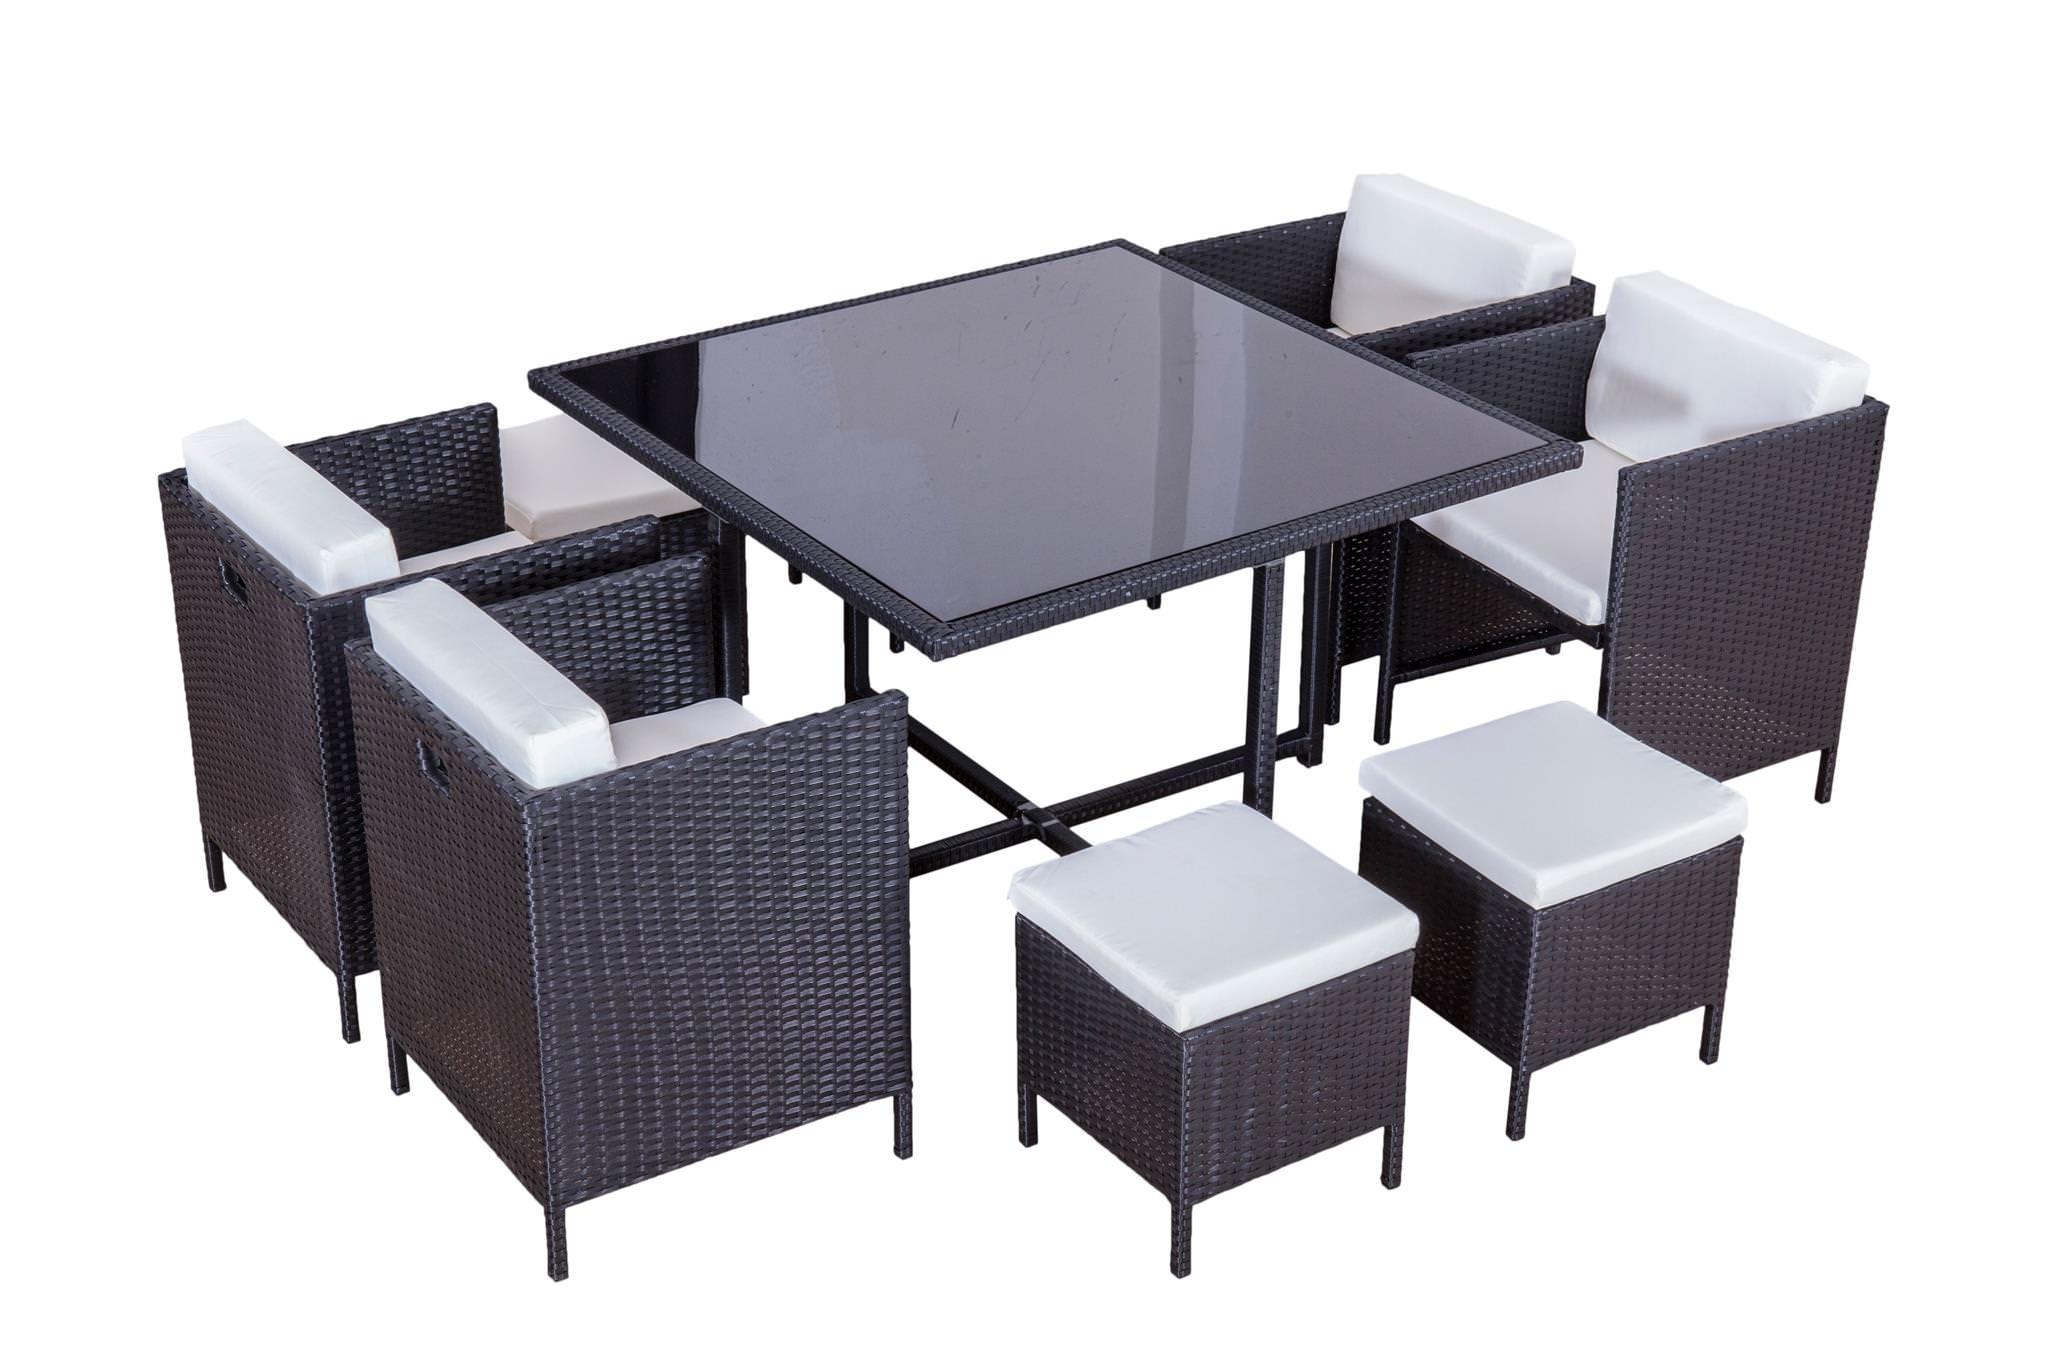 donnée d'entrée pour la réalisation d'un visuel 3D de meuble extérieur